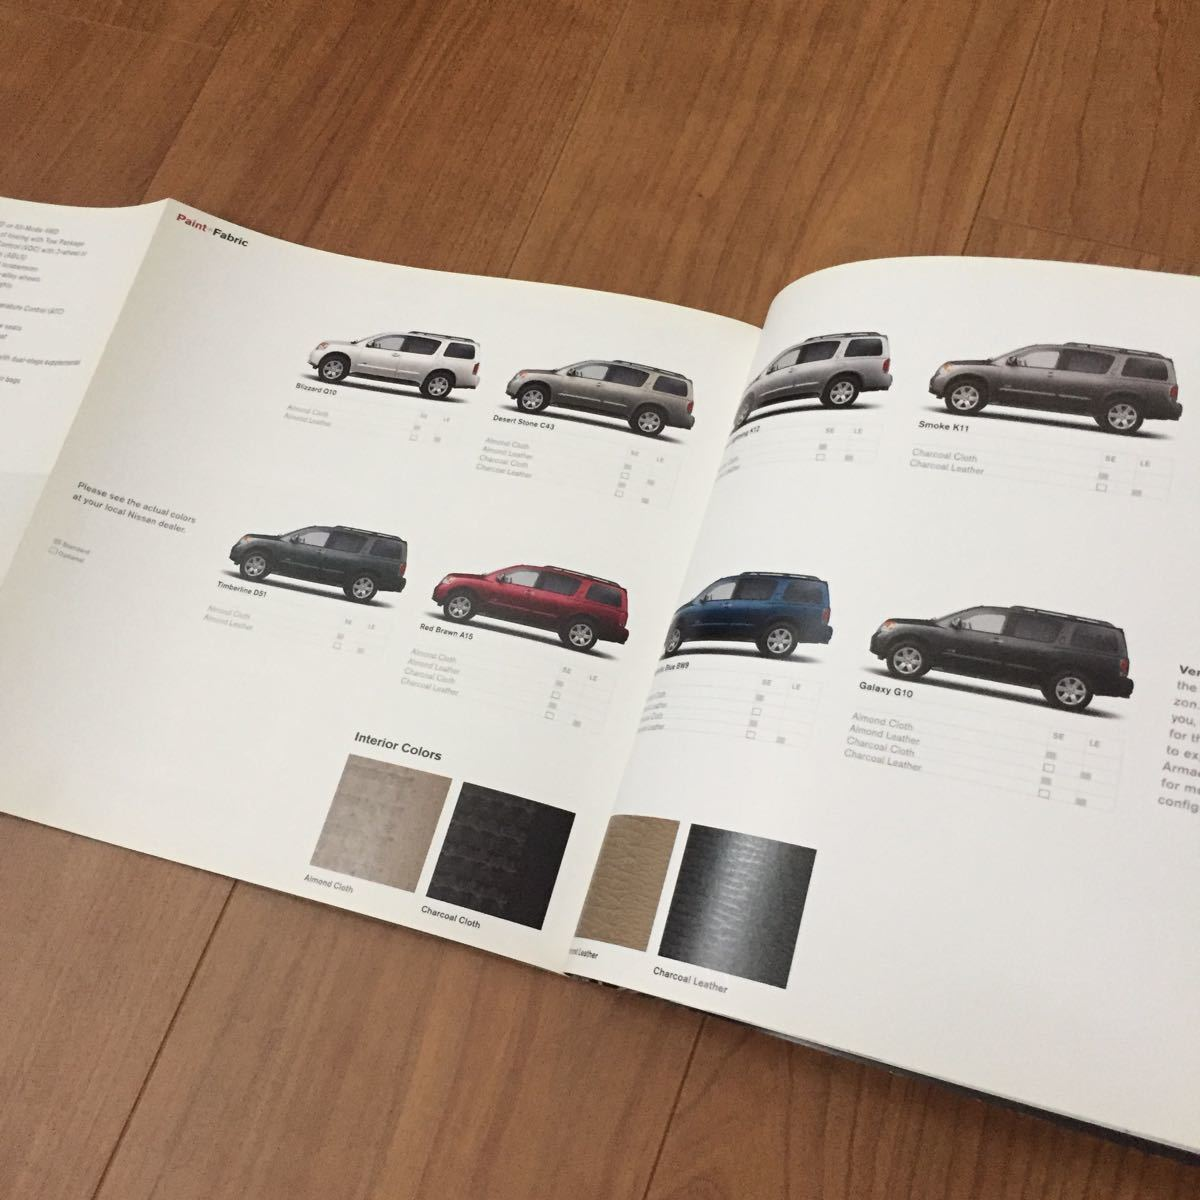 2008 日産 ニッサン アルマーダ Armada アルマダ カタログ USA アメリカ 雑貨 SUV 逆輸入 インフィニティ 広告_画像9